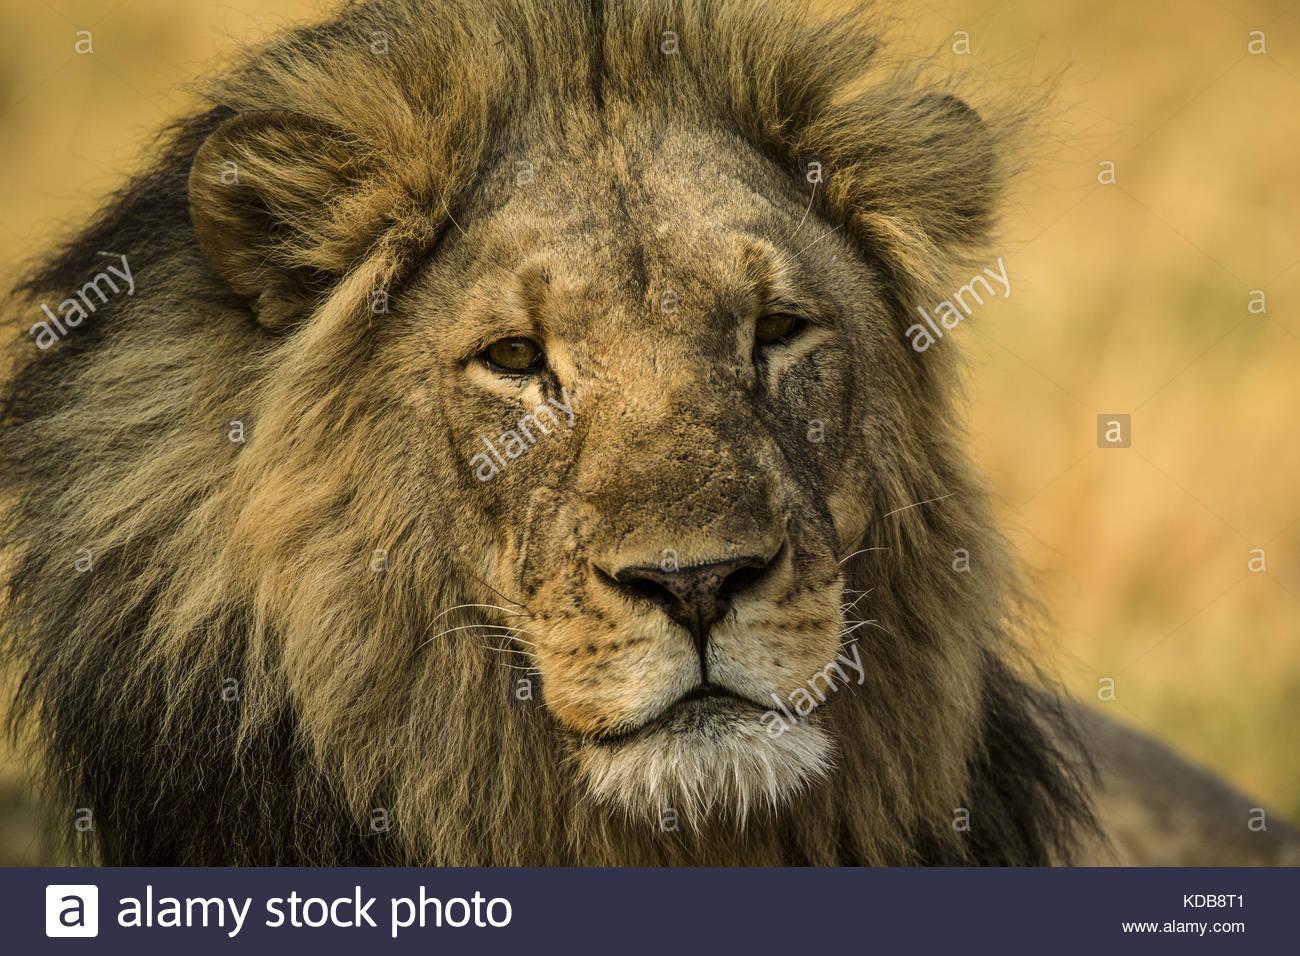 Portrait von ein Löwe Panthera leo. Stockbild